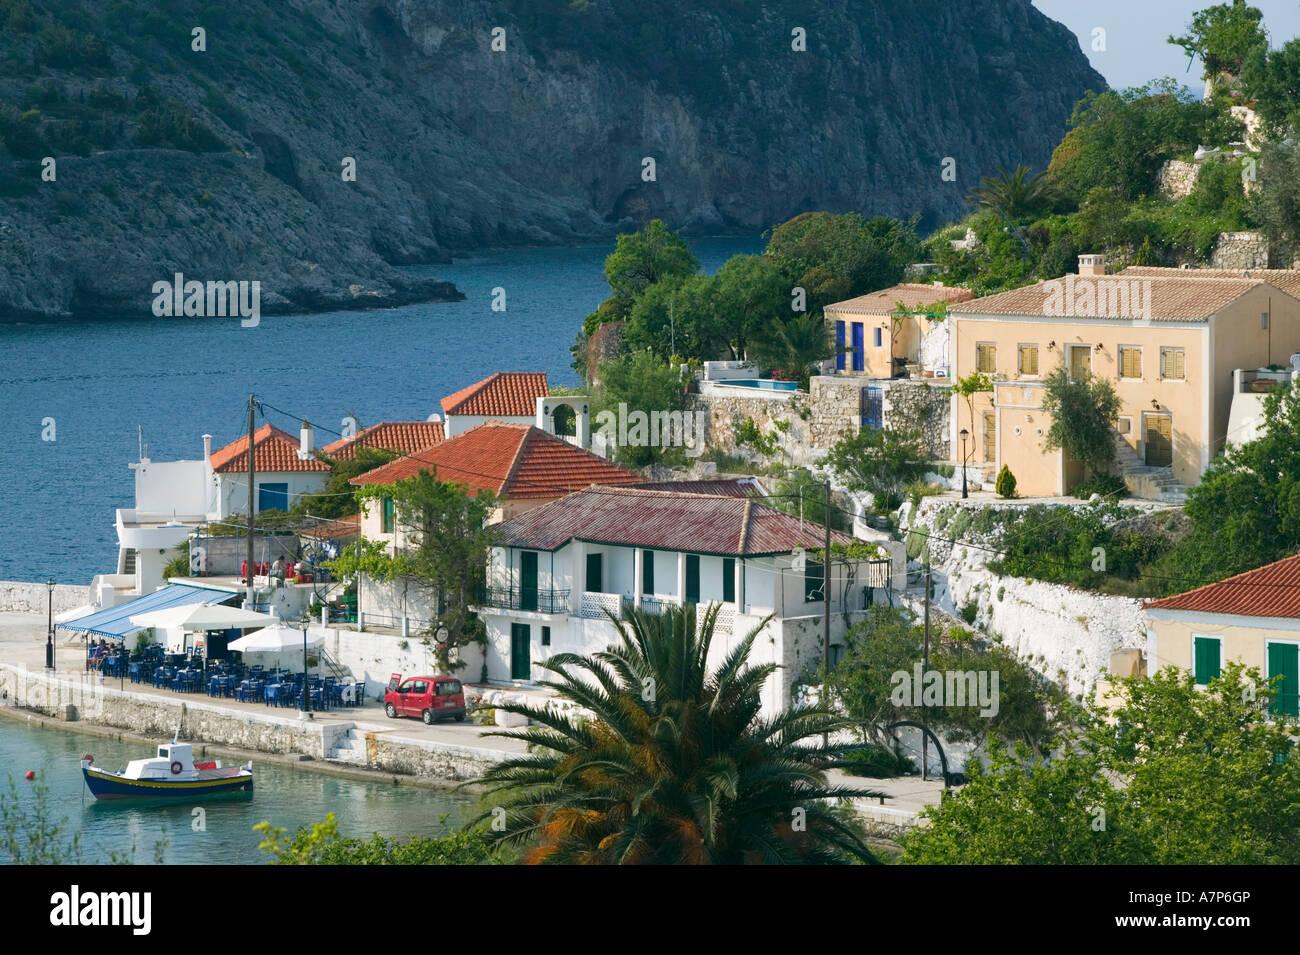 Assos, Kefalonia, Ionian Islands, Greece - Stock Image